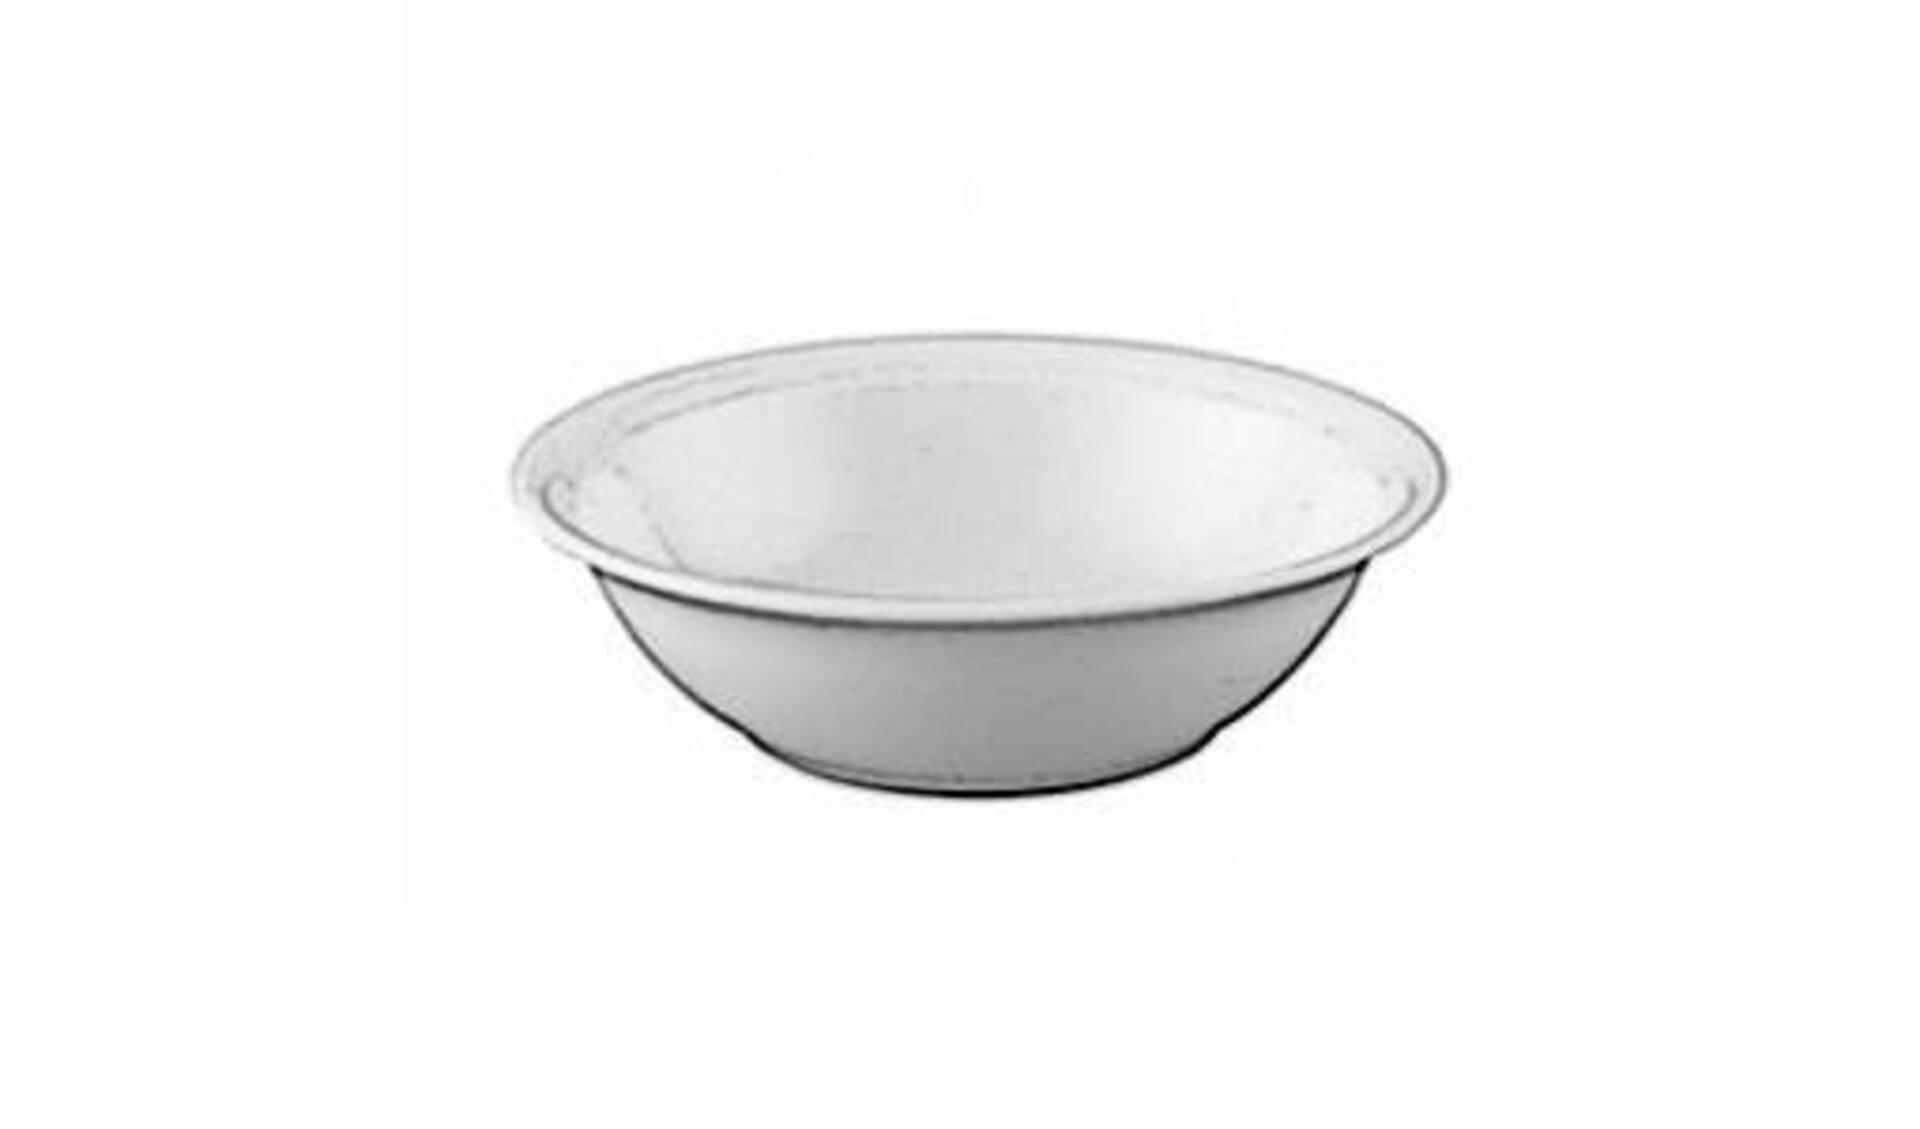 Weiße Keramikschüssel dient als Sinnbild für alle Schalen und Schüsseln innerhalb der Produktwelt.